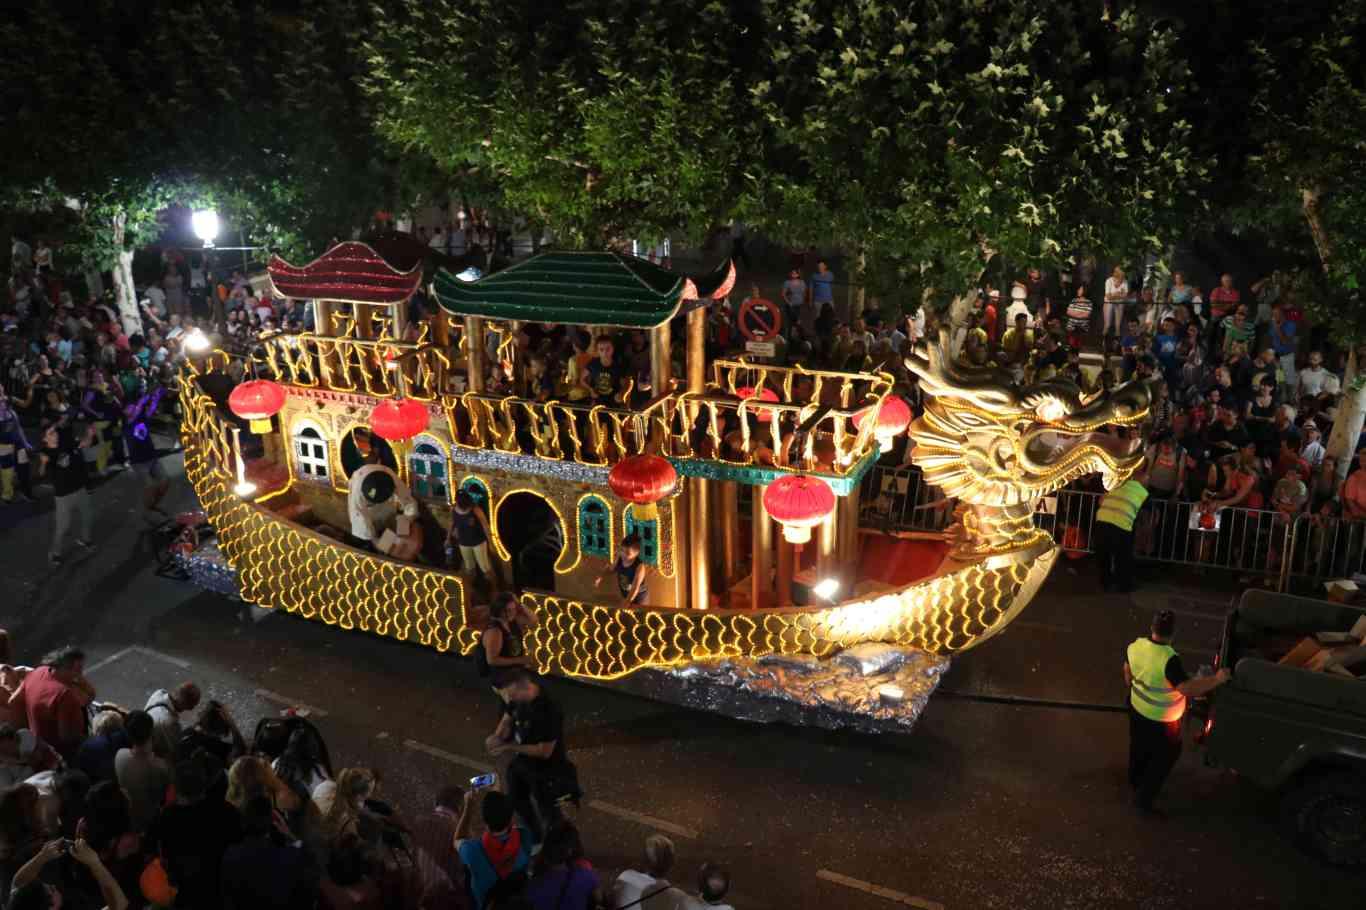 Cabalgata De Fin De Ferias Y Fuegos Artificiales En Alcalá De Henares Dream Alcalá